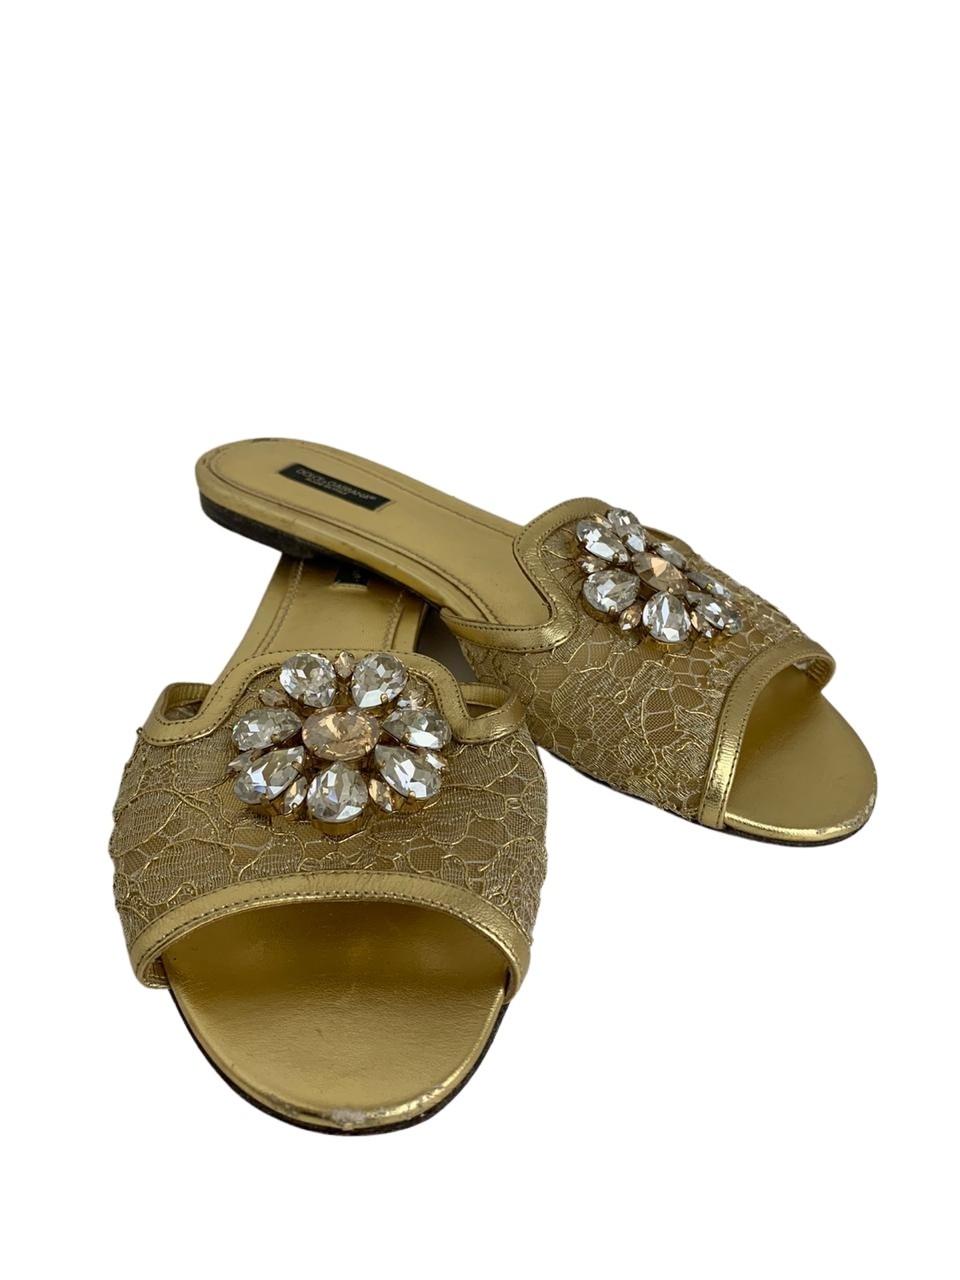 Rasteira Dolce & Gabbana Dourada